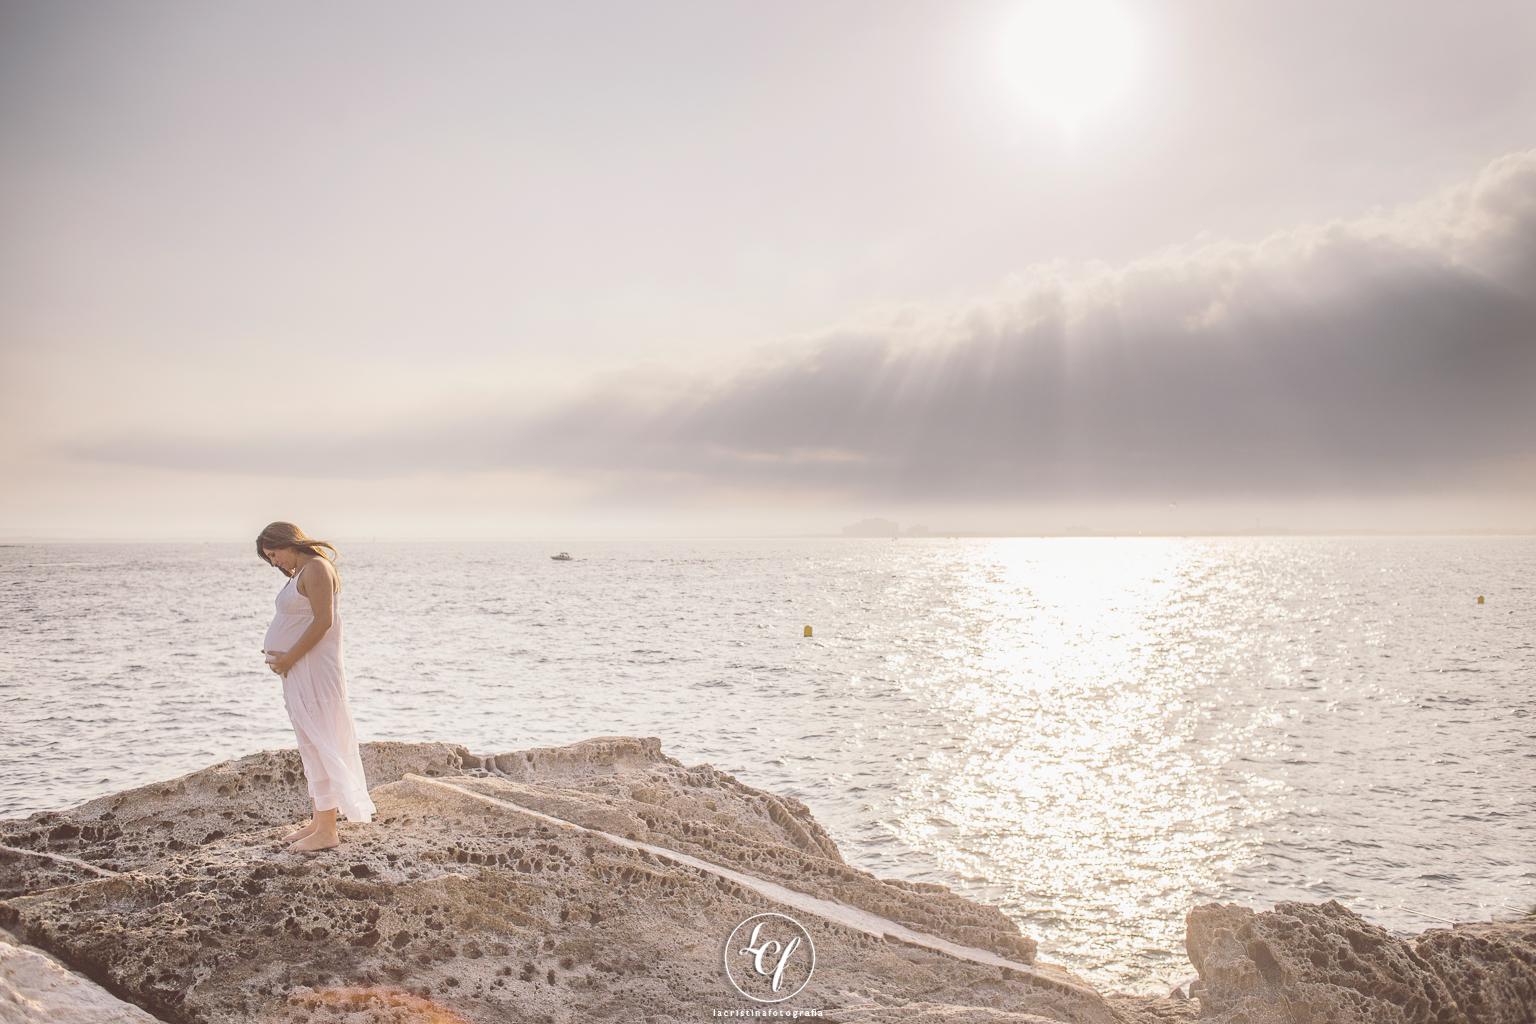 Fotógrafo embarazo Barcelona :: Fotógrafo embarazo playa :: Fotografía embarazada playa :: Fotógrafo costa brava :: Fotografía embarazada puesta de sol